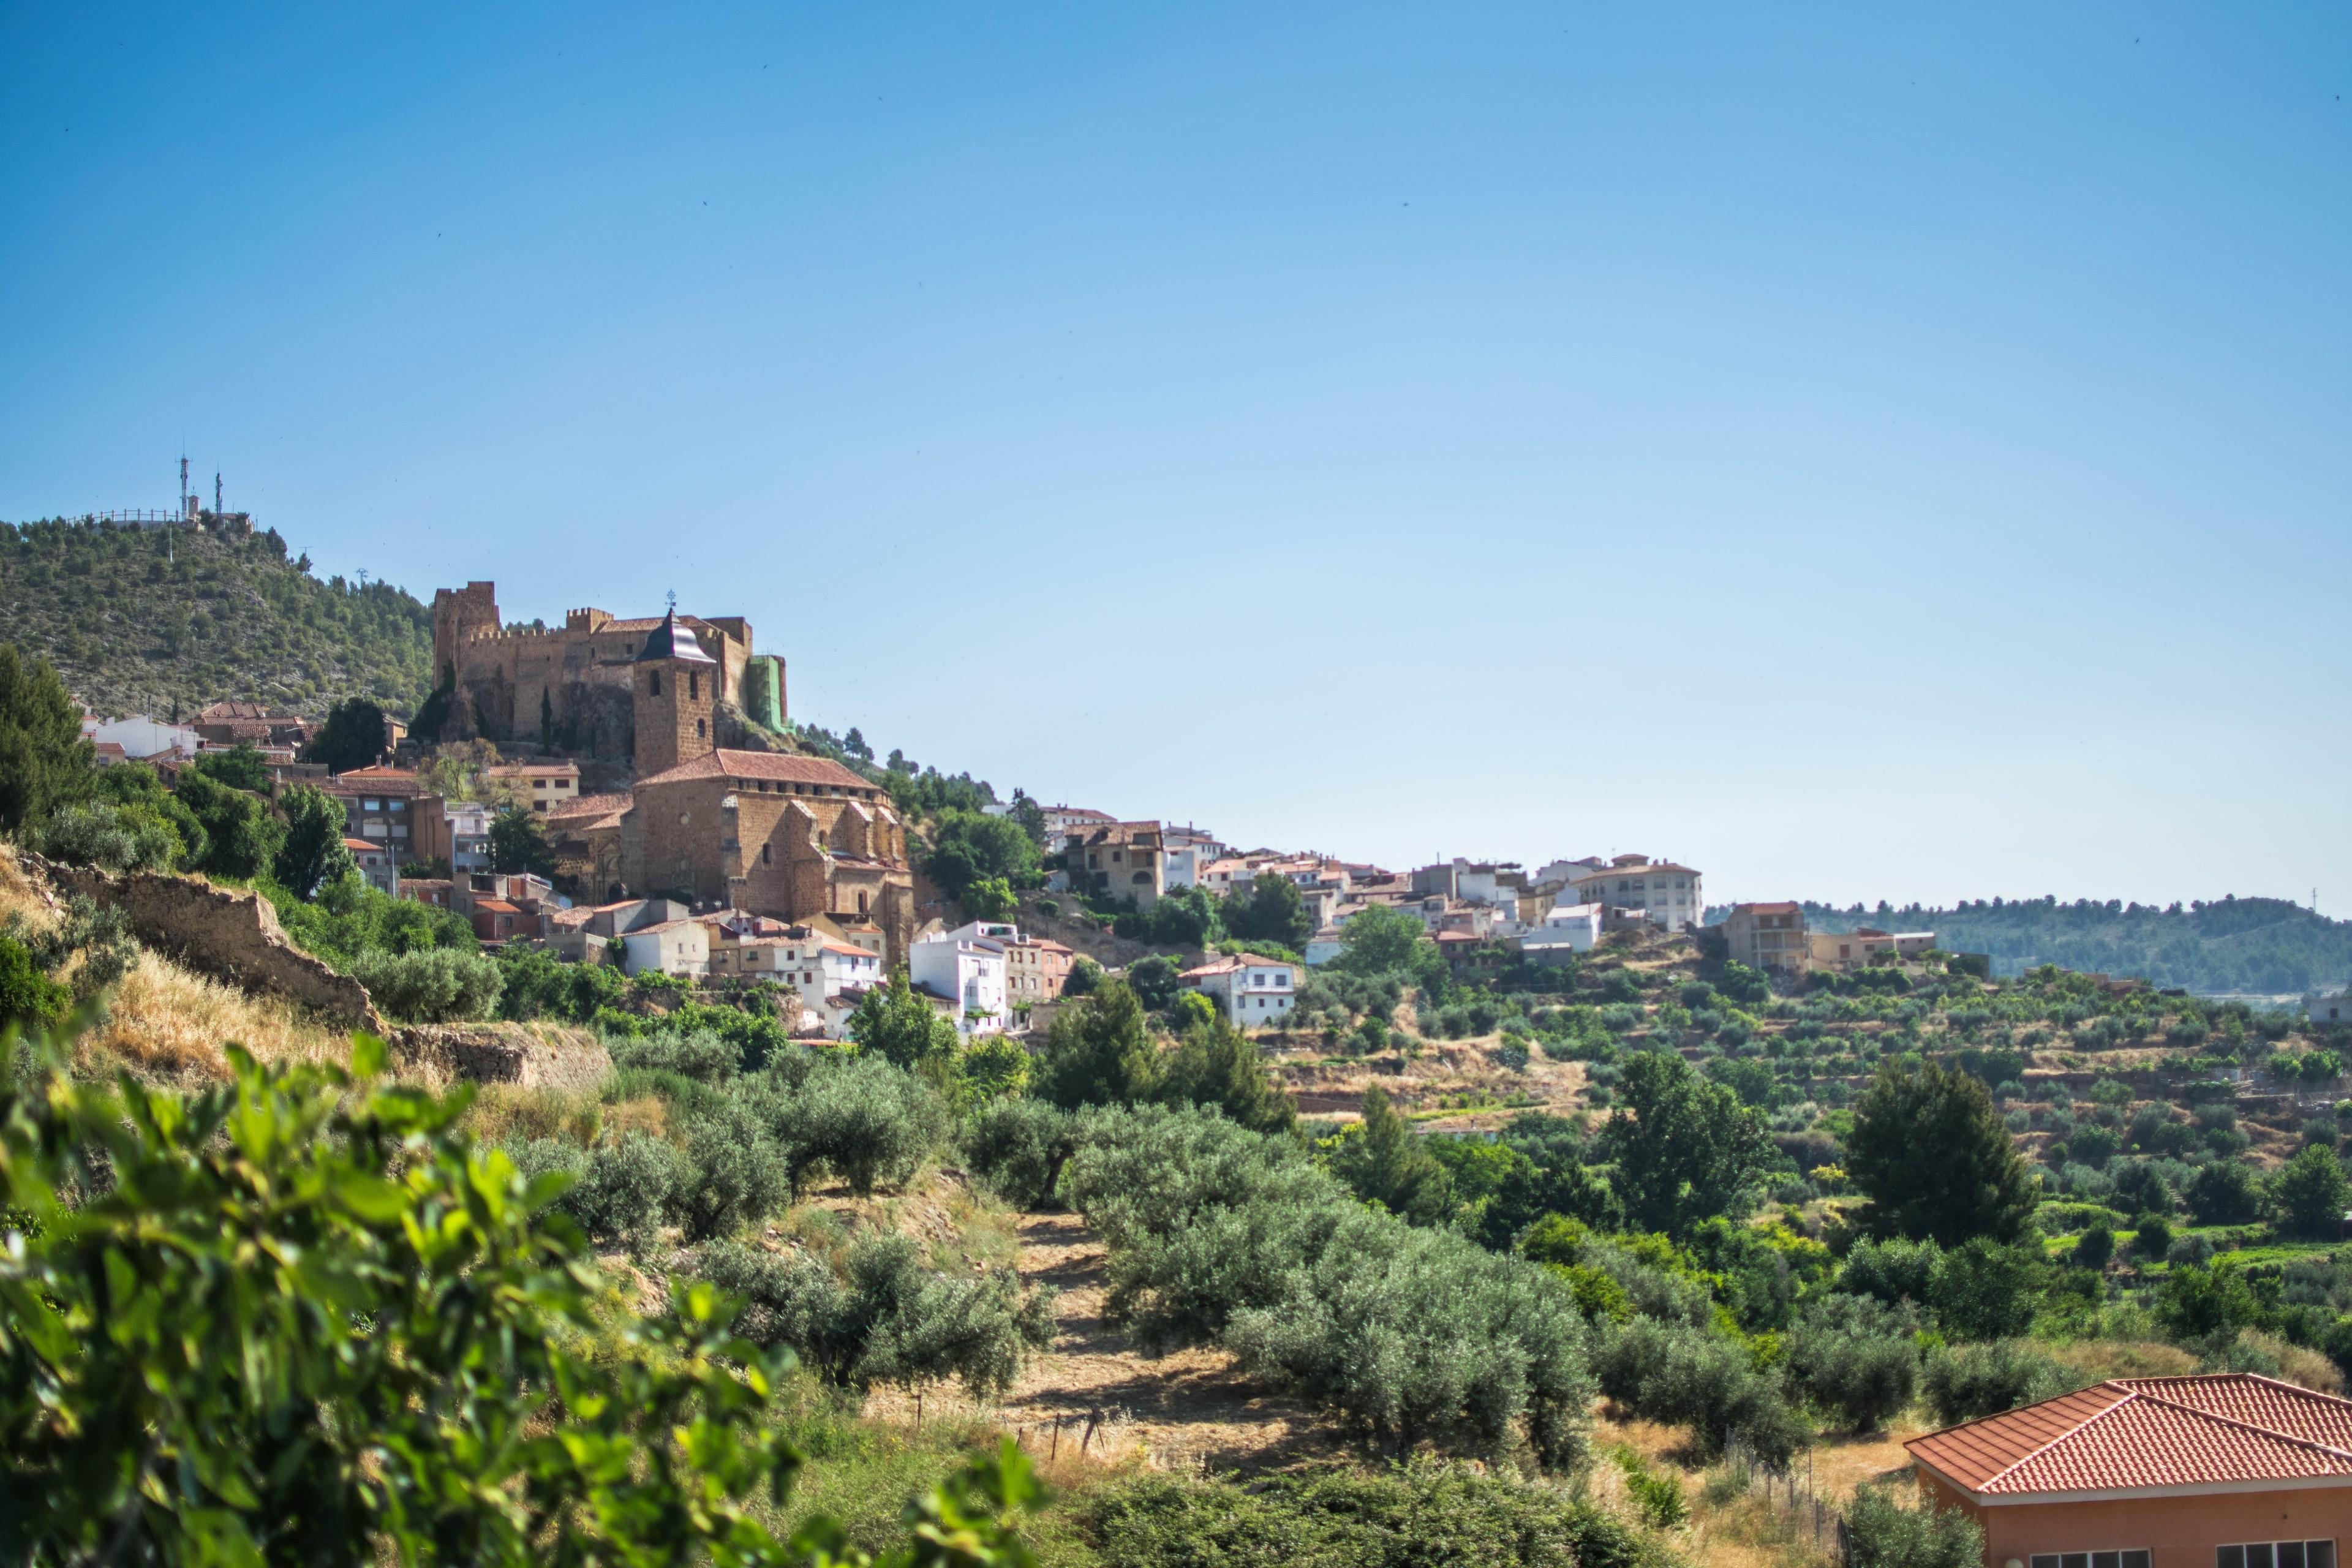 Sierras de Segura y Alcaraz, Spain